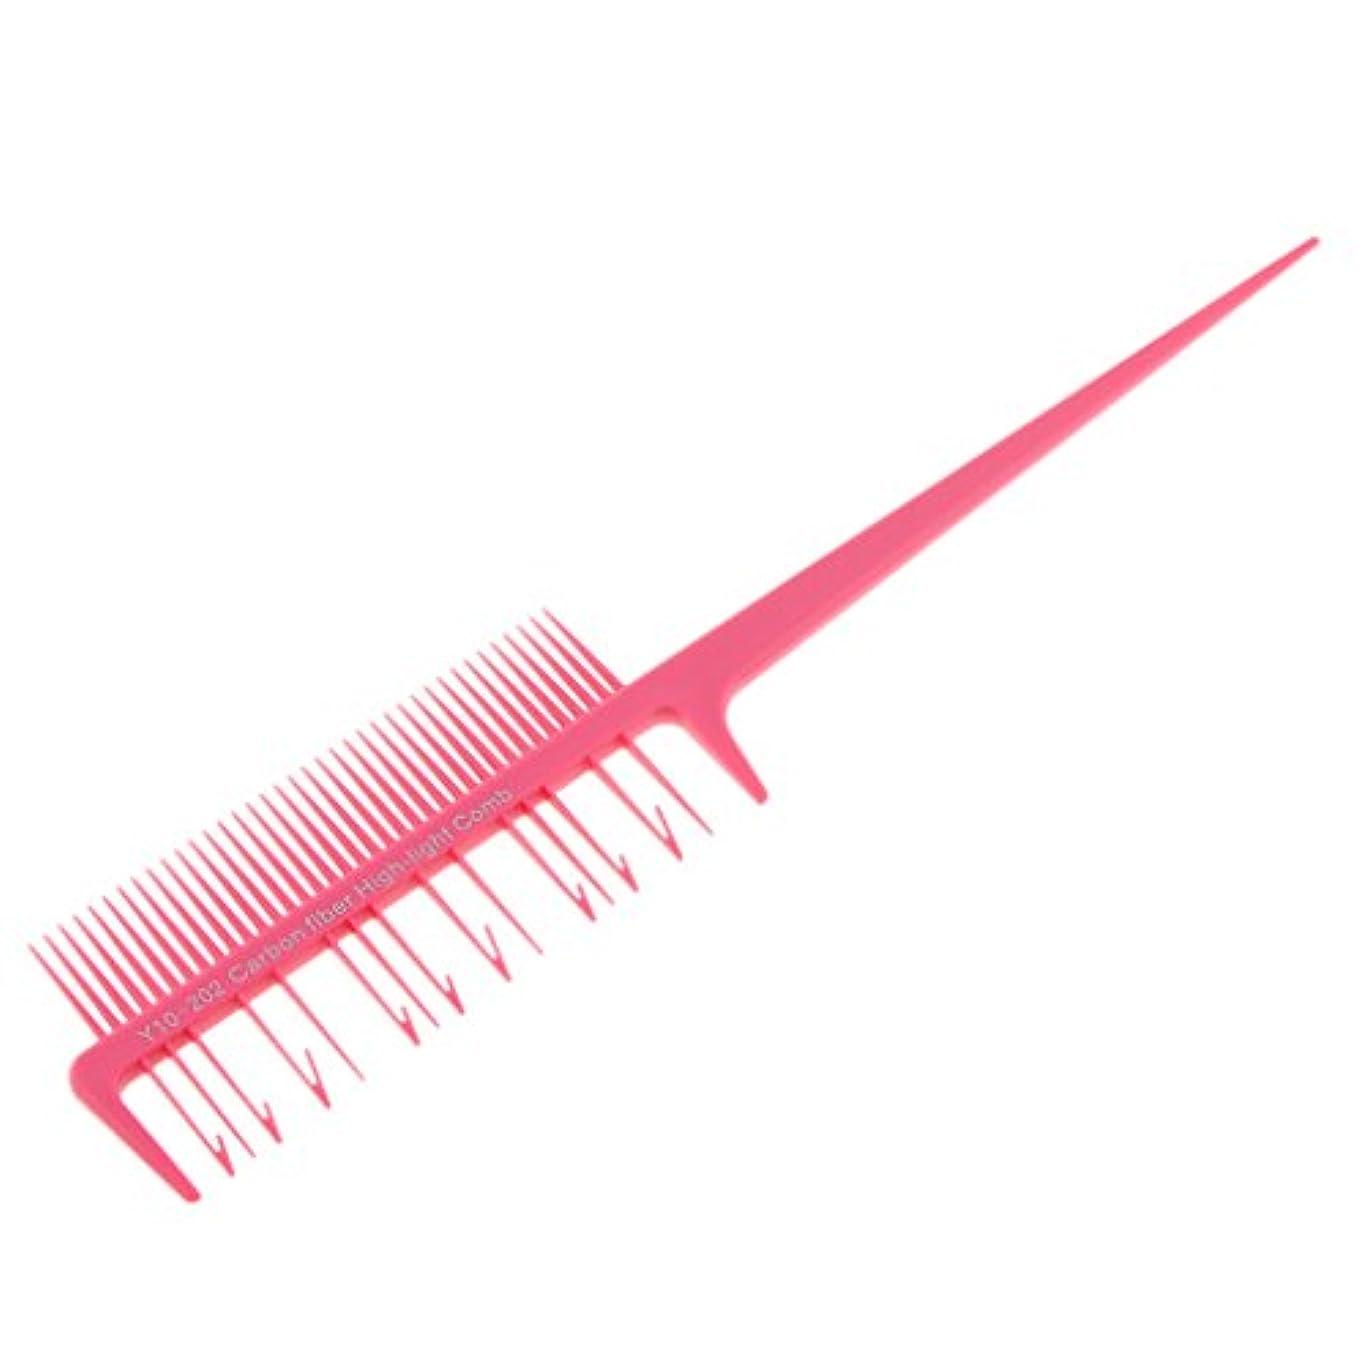 影響ギャラリー百年SM SunniMix ヘアダイ ブラシ ヘアカラーブラシ ヘアコーム ヘアブラシ 櫛 髪染め 毛染め ツール 全4色選べる - ピンク, 説明したように